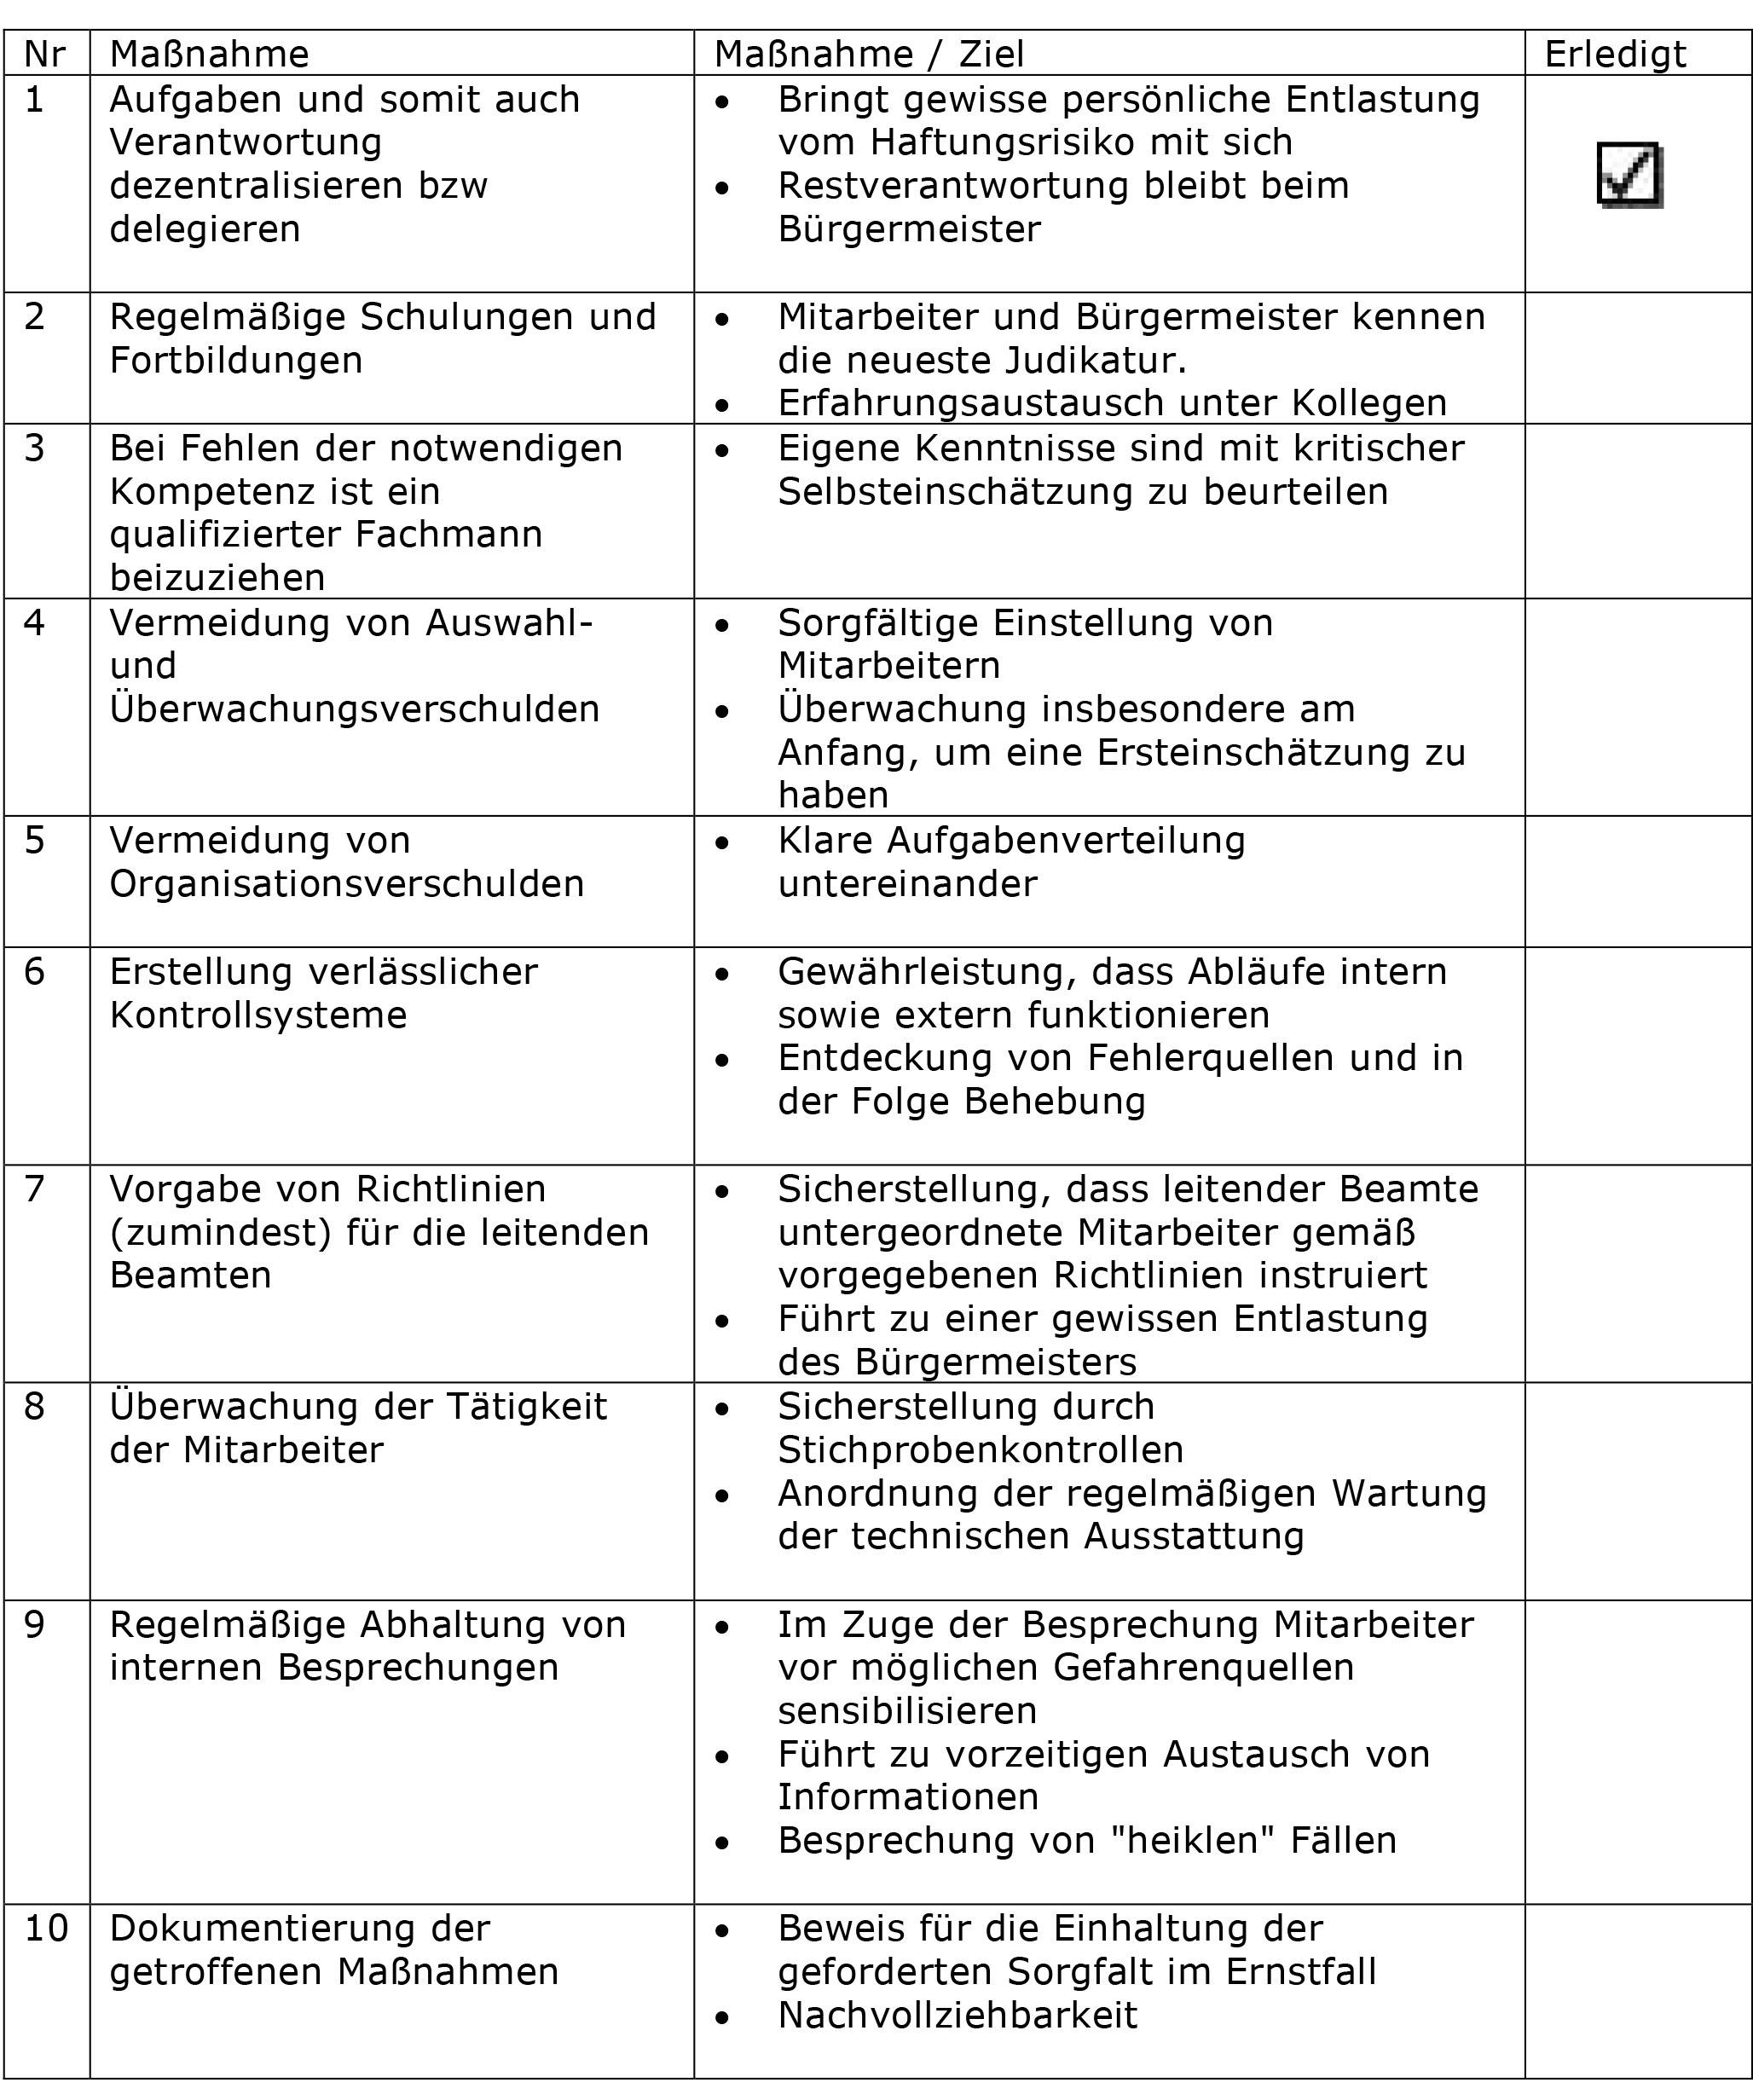 Checkliste zur Amtshaftung